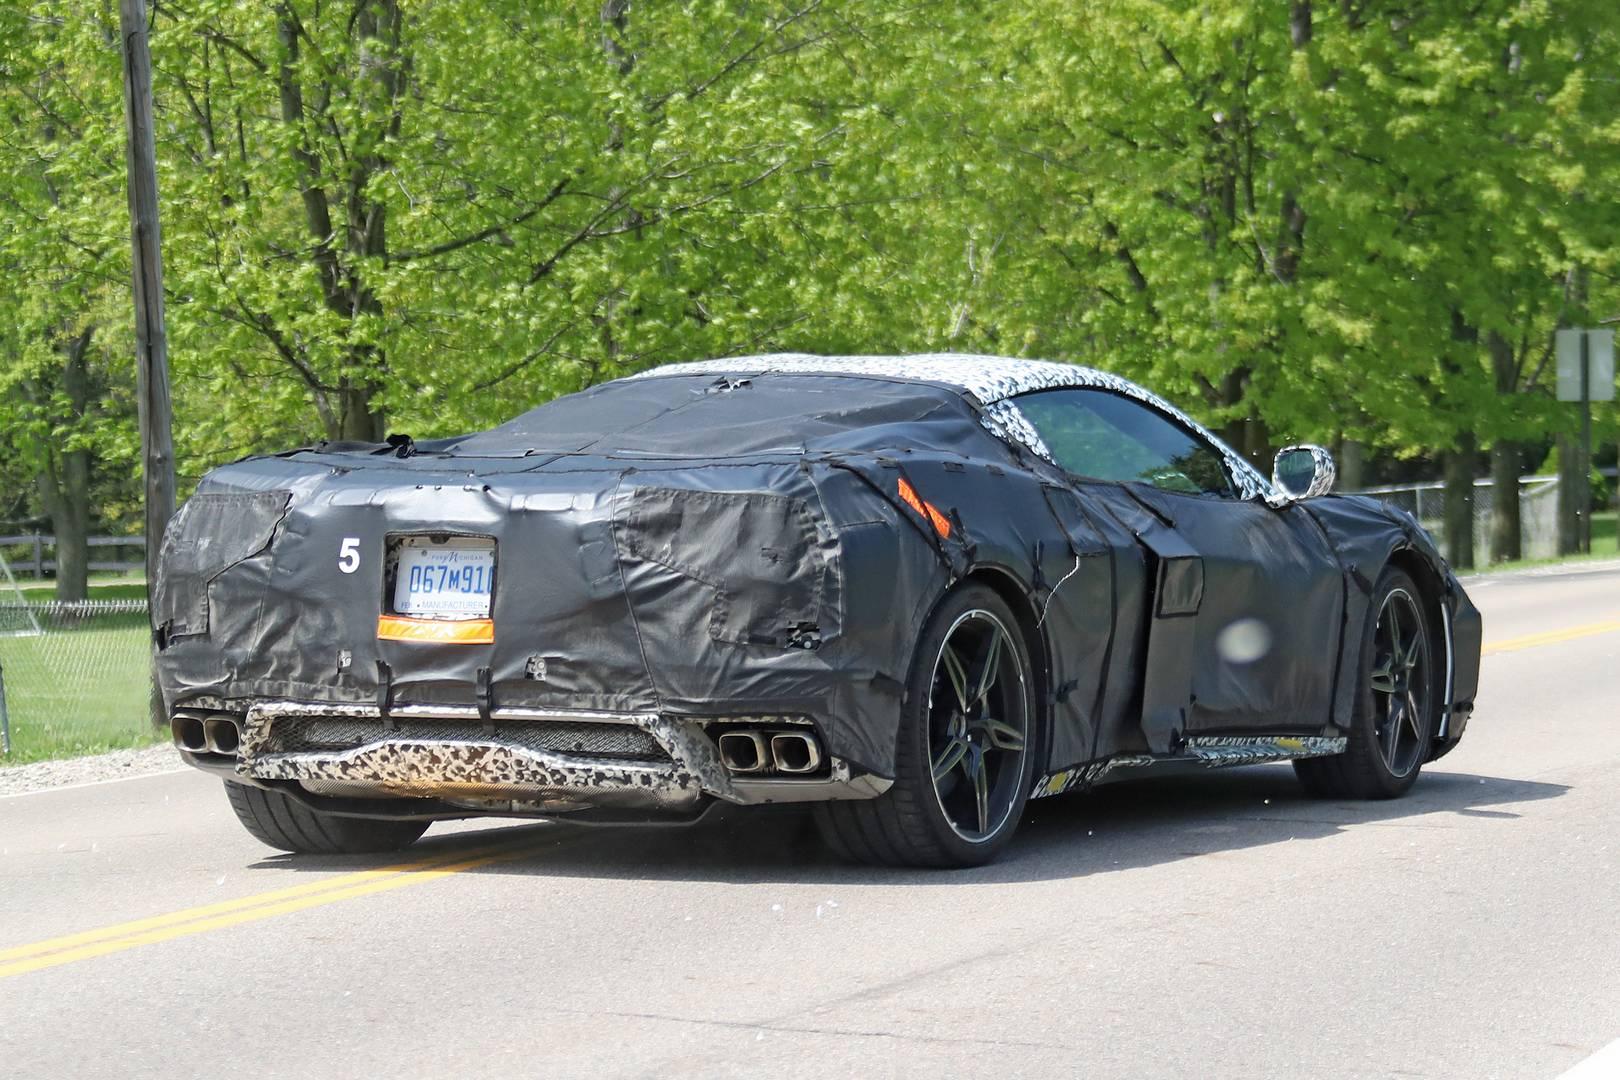 До этого каждый Corvette был спортивным автомобилем с задним приводом. Версия с средним расположением двигателя была бы заметным нарушением традиции.